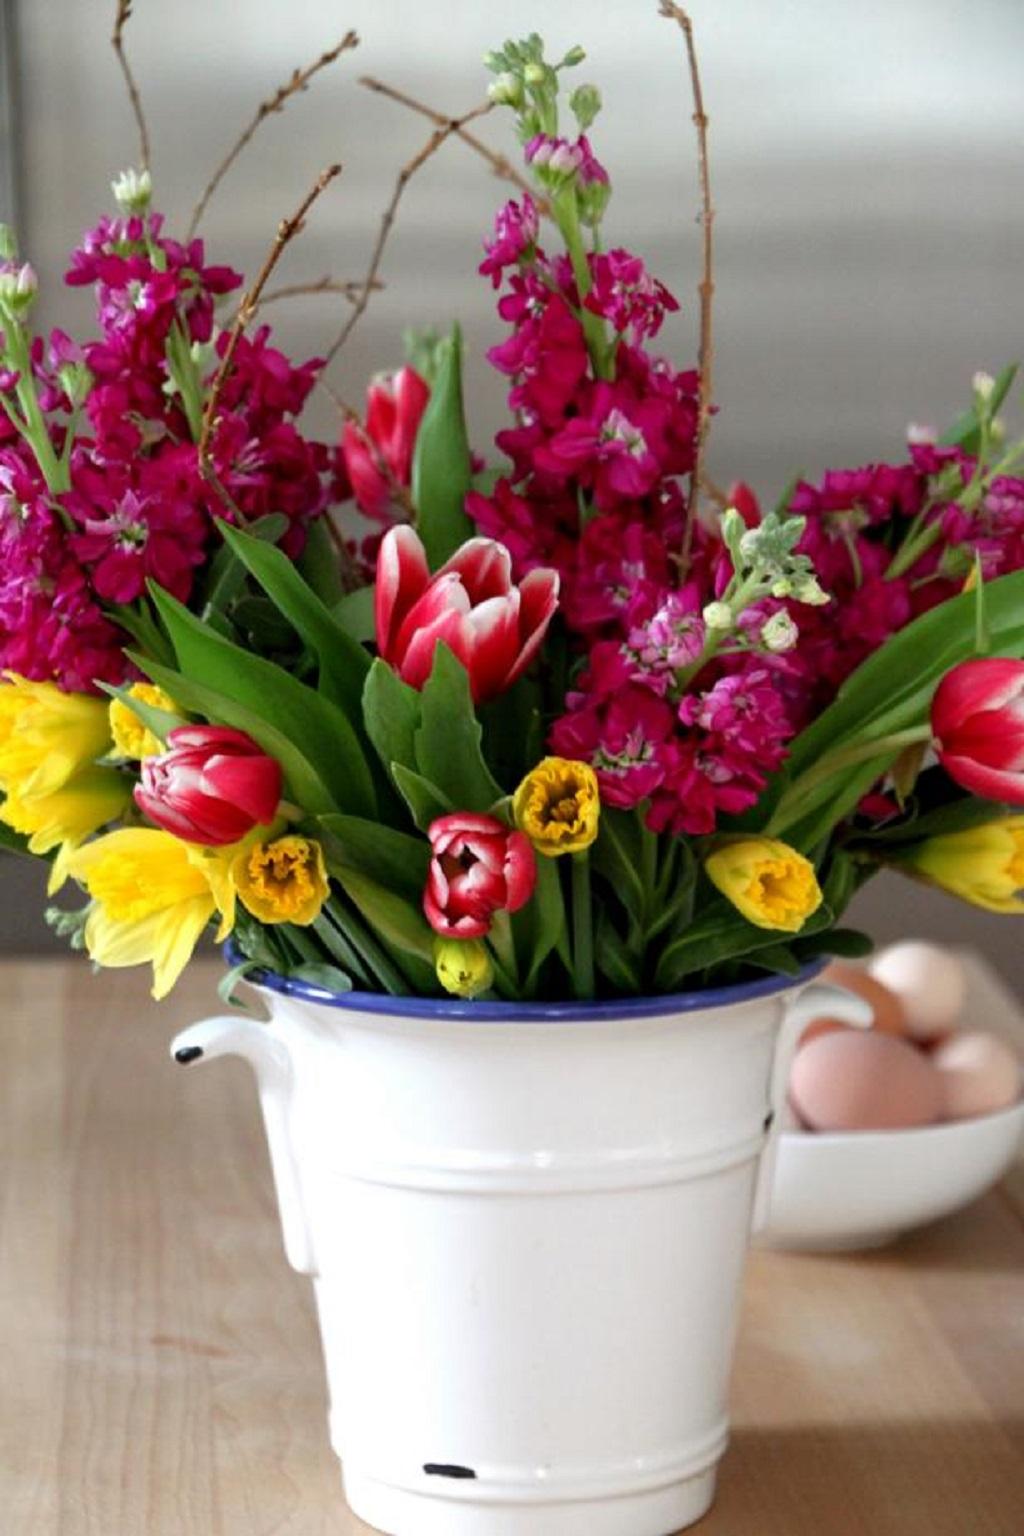 312S19 Splash of Spring Floral Workshop